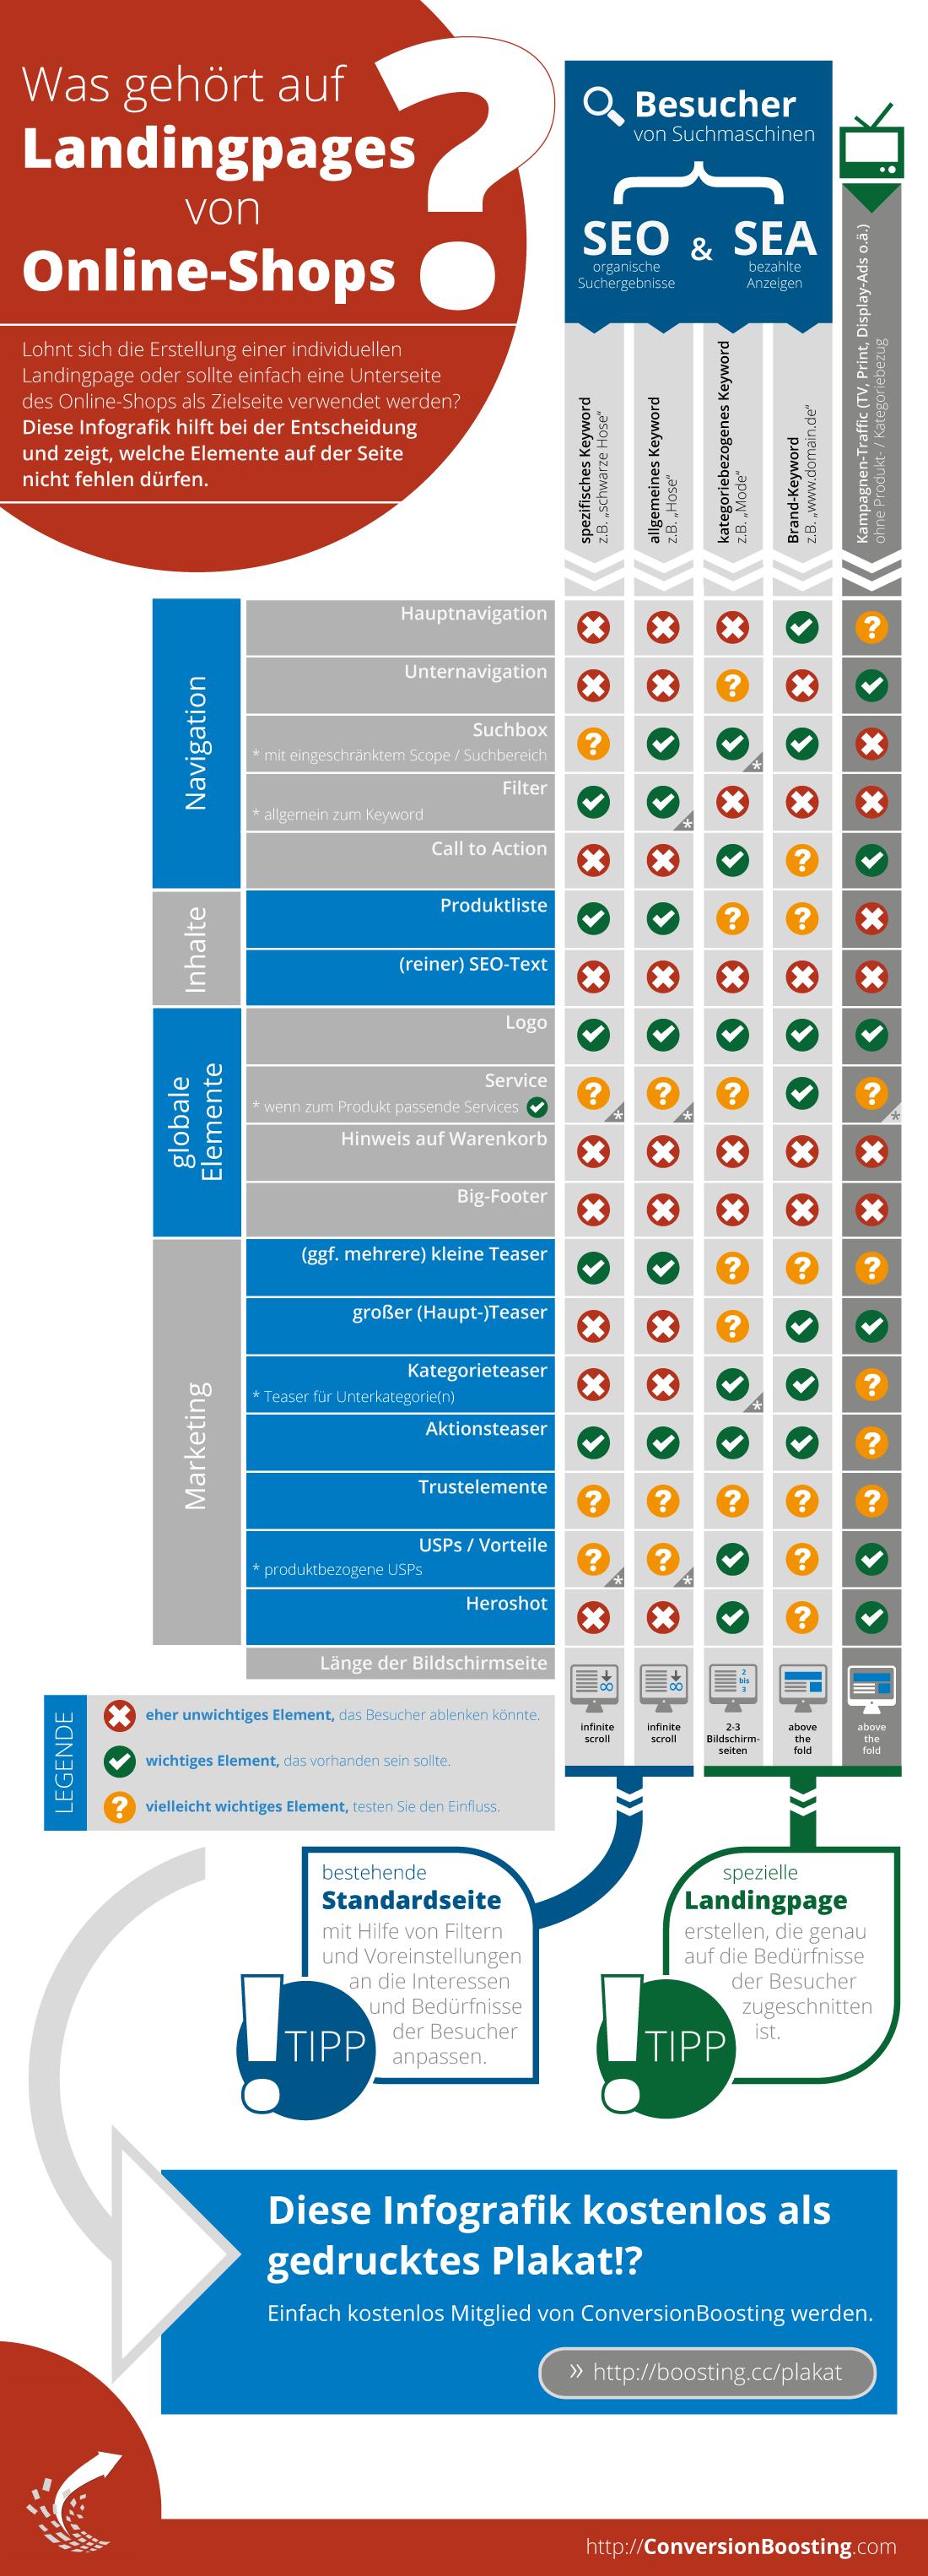 Infografik: Was gehört auf Landingpages im Online-Shop